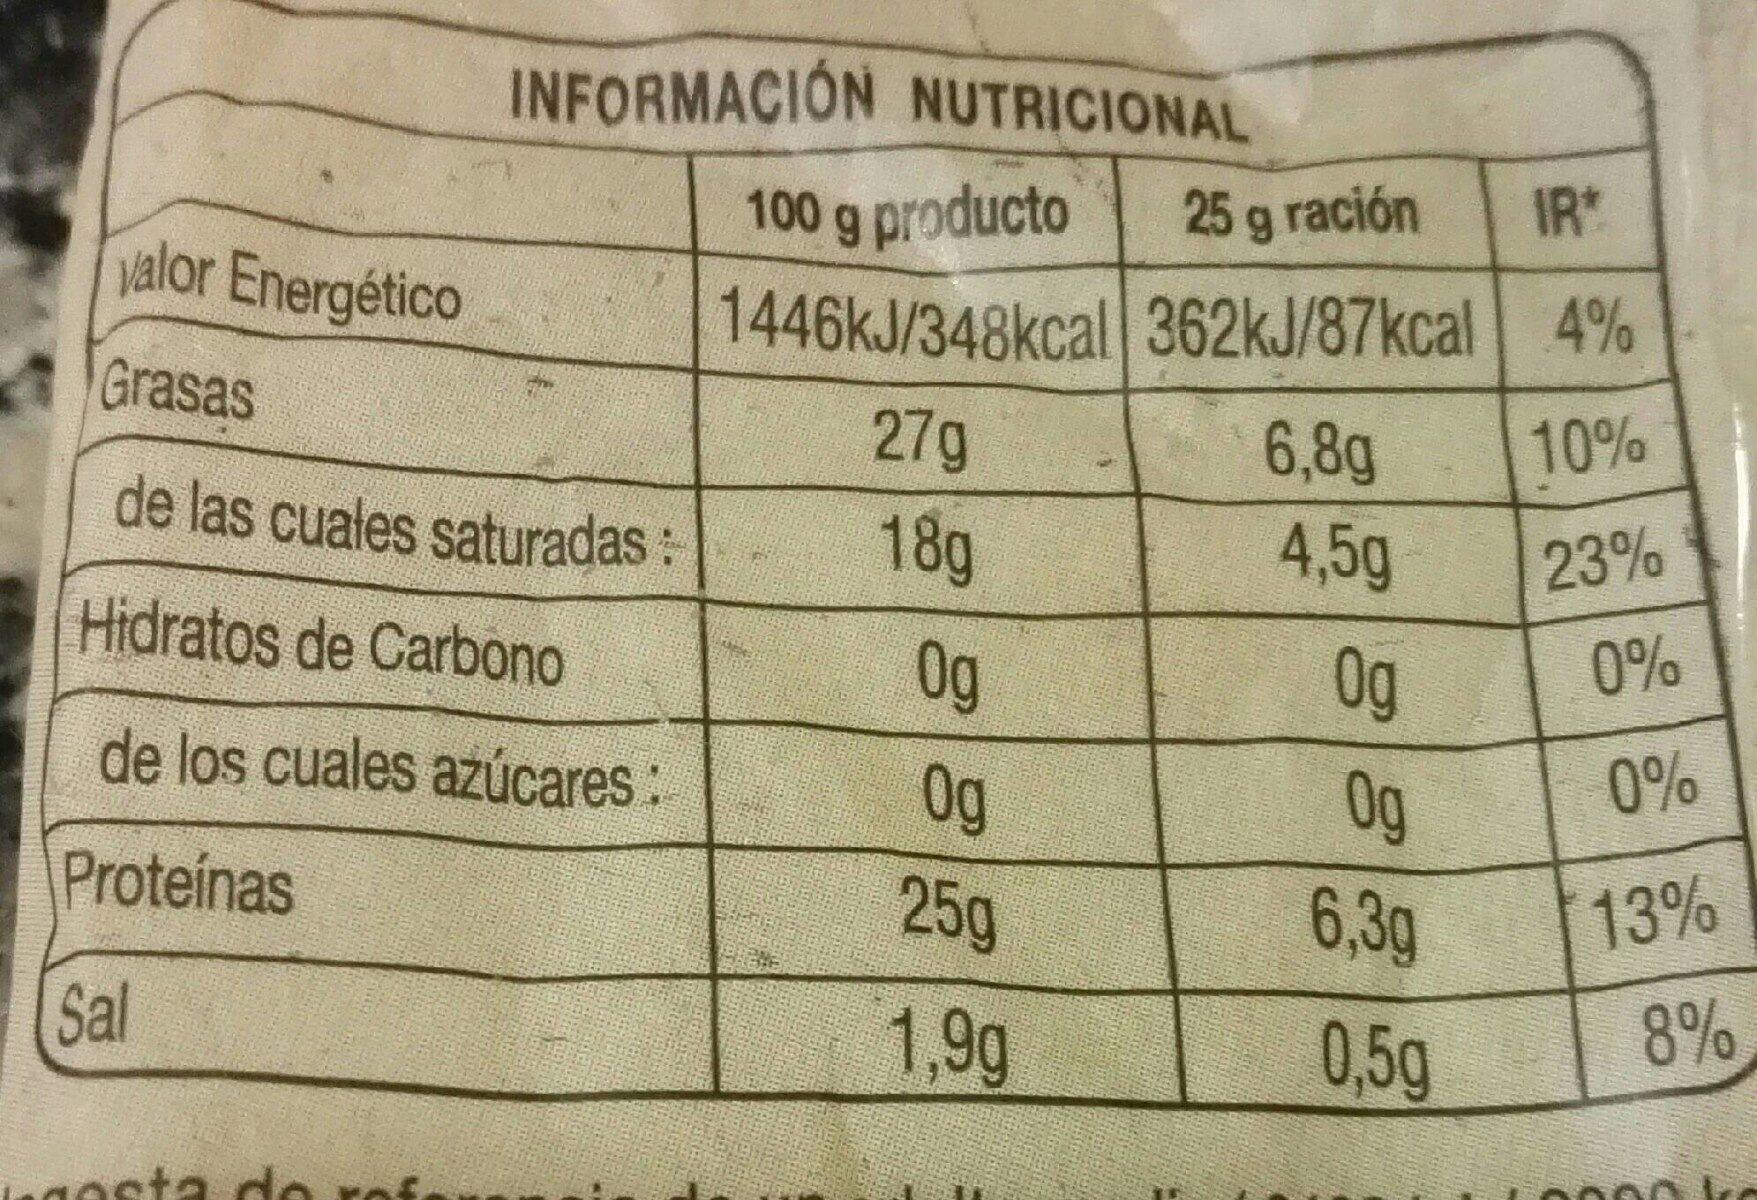 Dados de queso especial ensalada - Nutrition facts